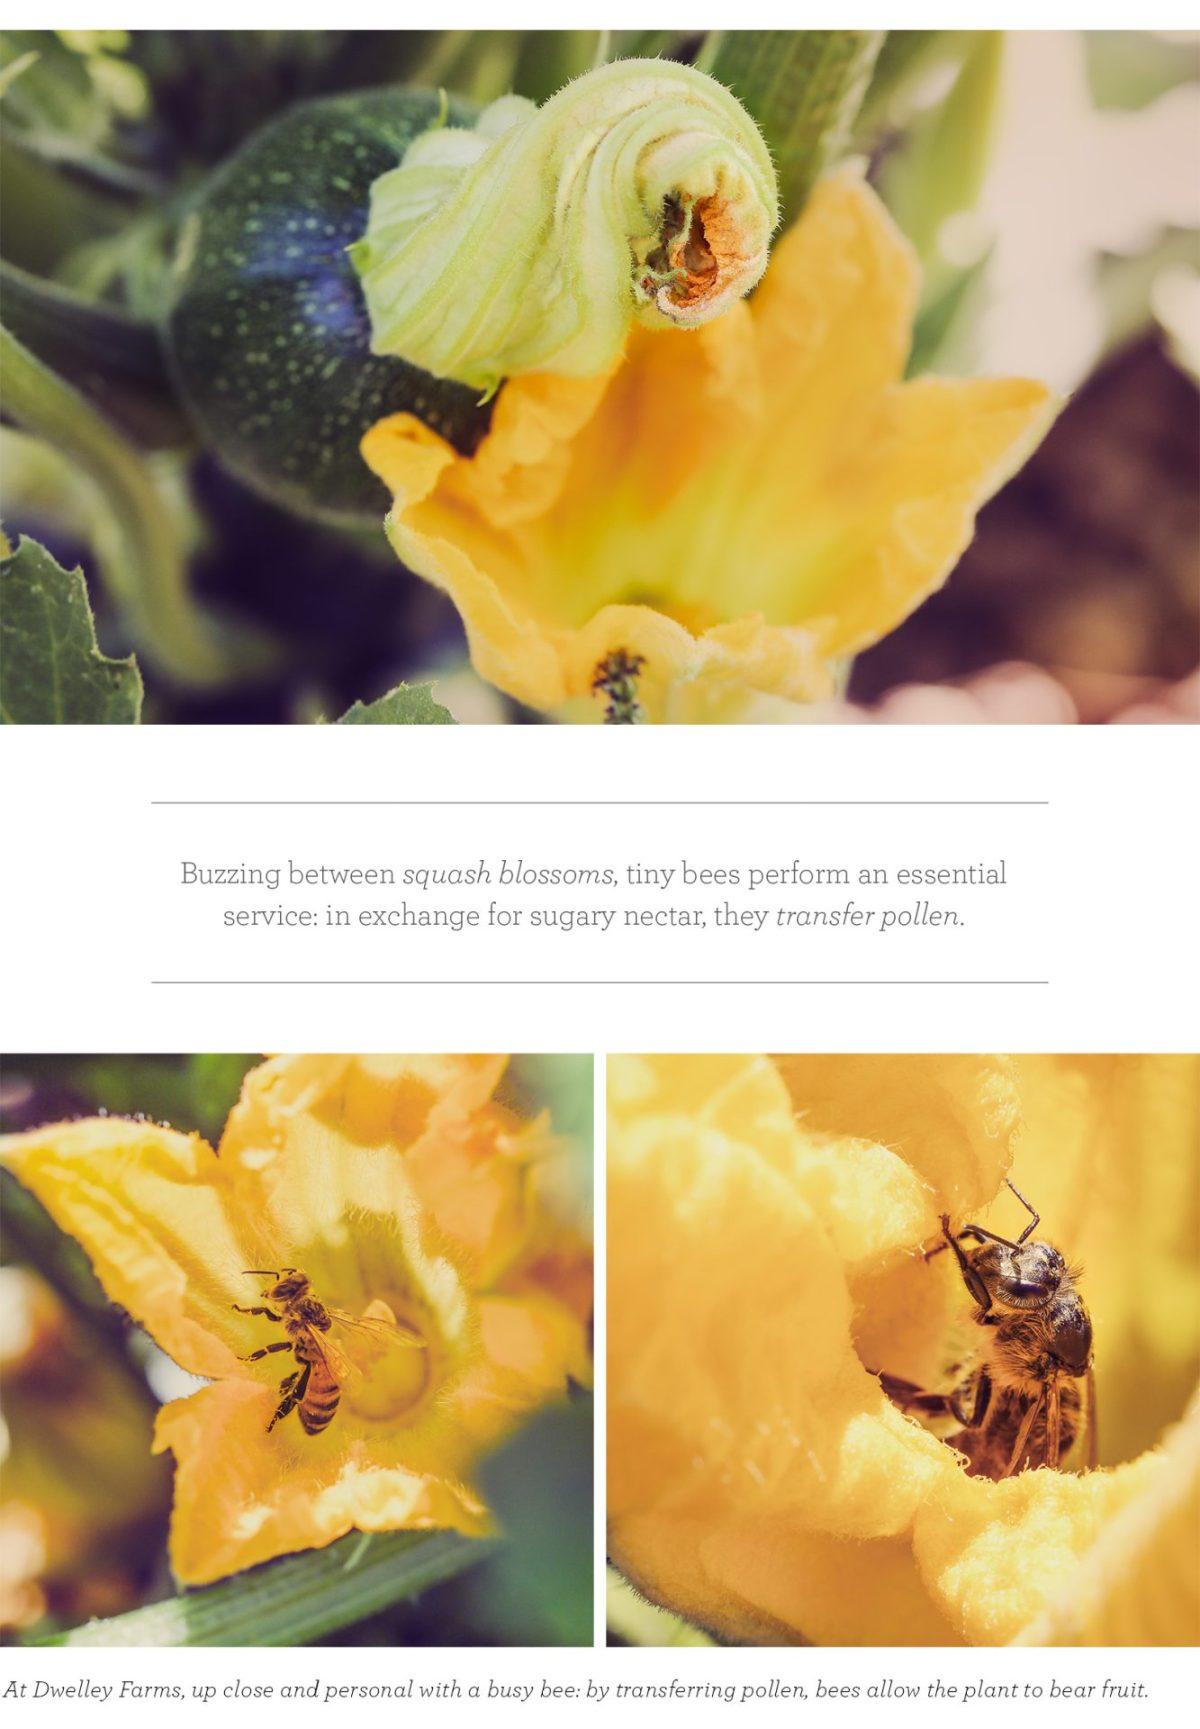 061716_BeePollination_Blog_V01_04